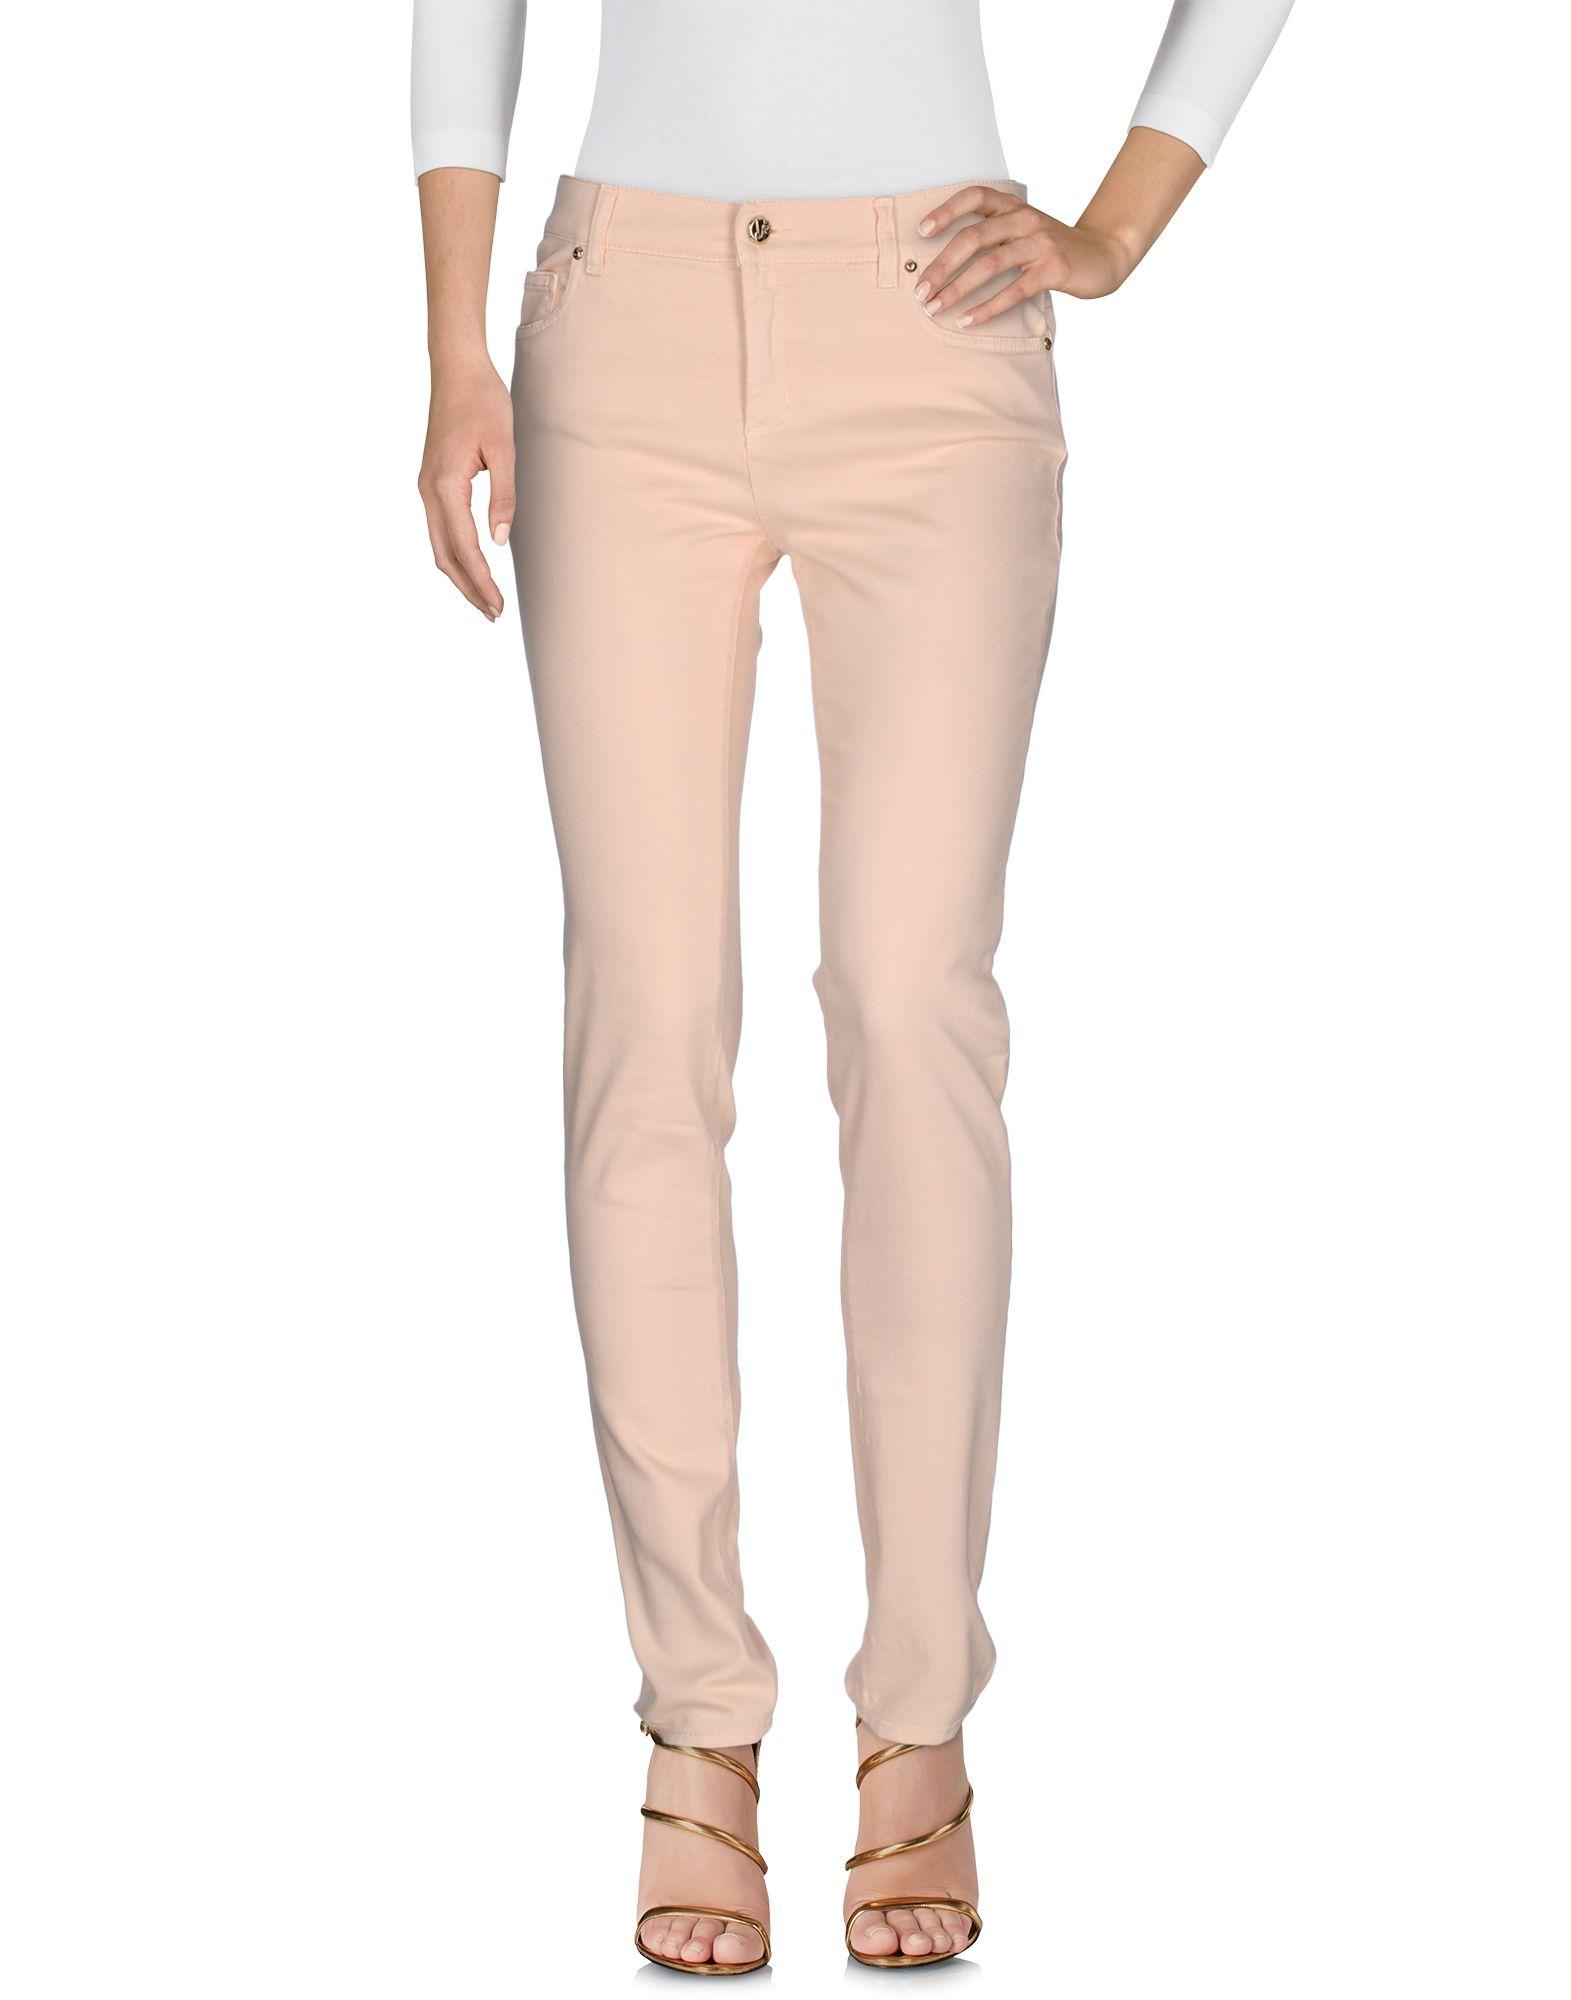 VERSACE JEANS Damen Jeanshose Farbe Pfirsich Größe 9 jetztbilligerkaufen